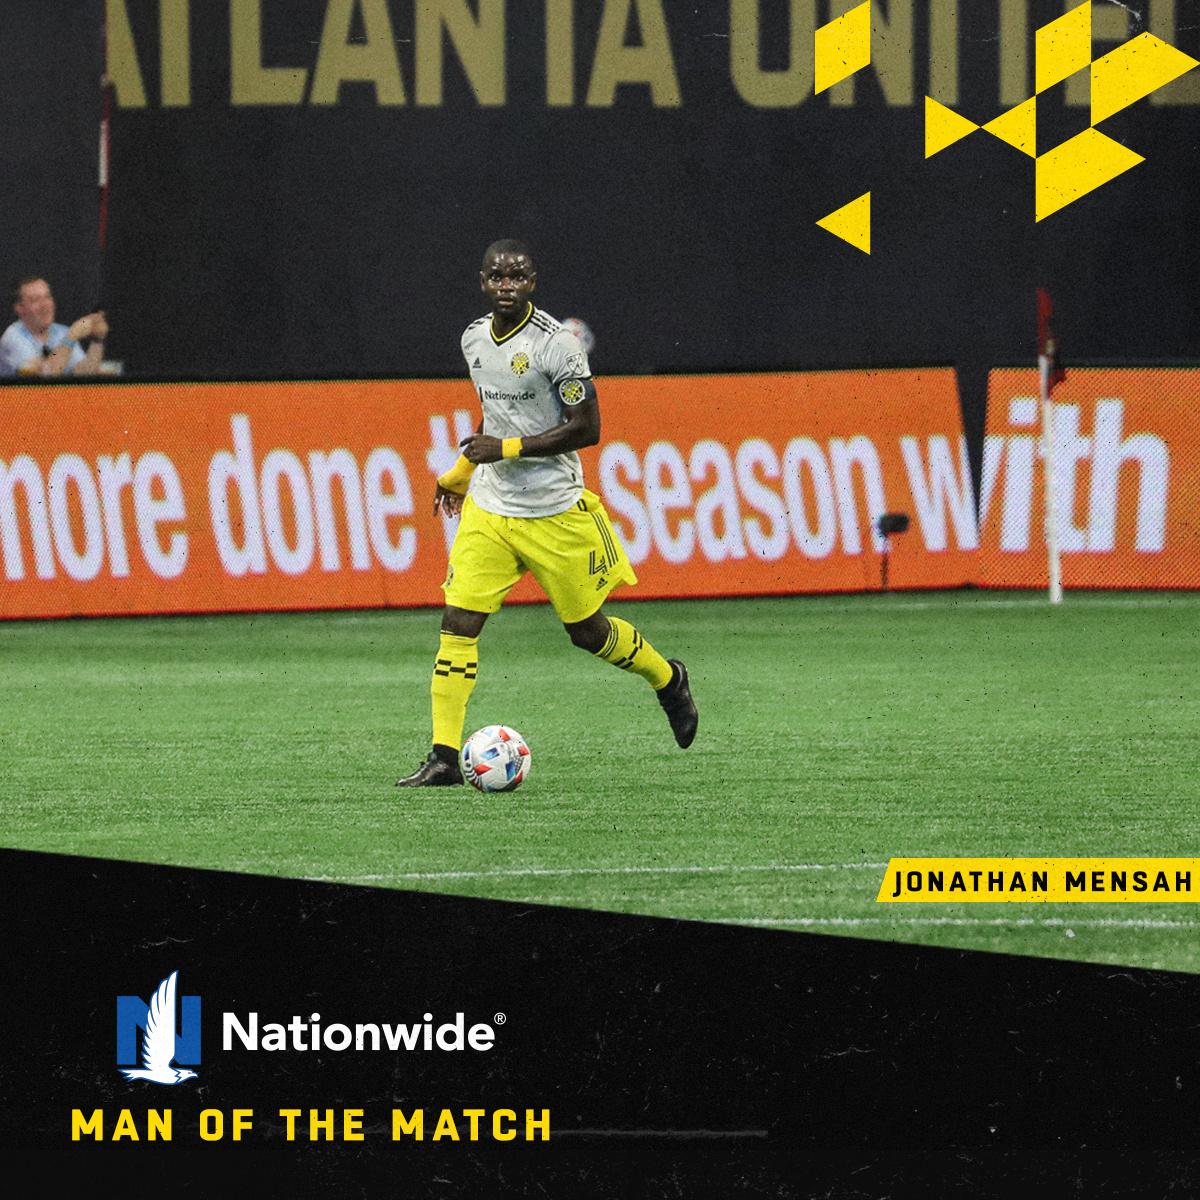 Jonathan Mensah named Man of The Match in Columbus Crew win over Atlanta